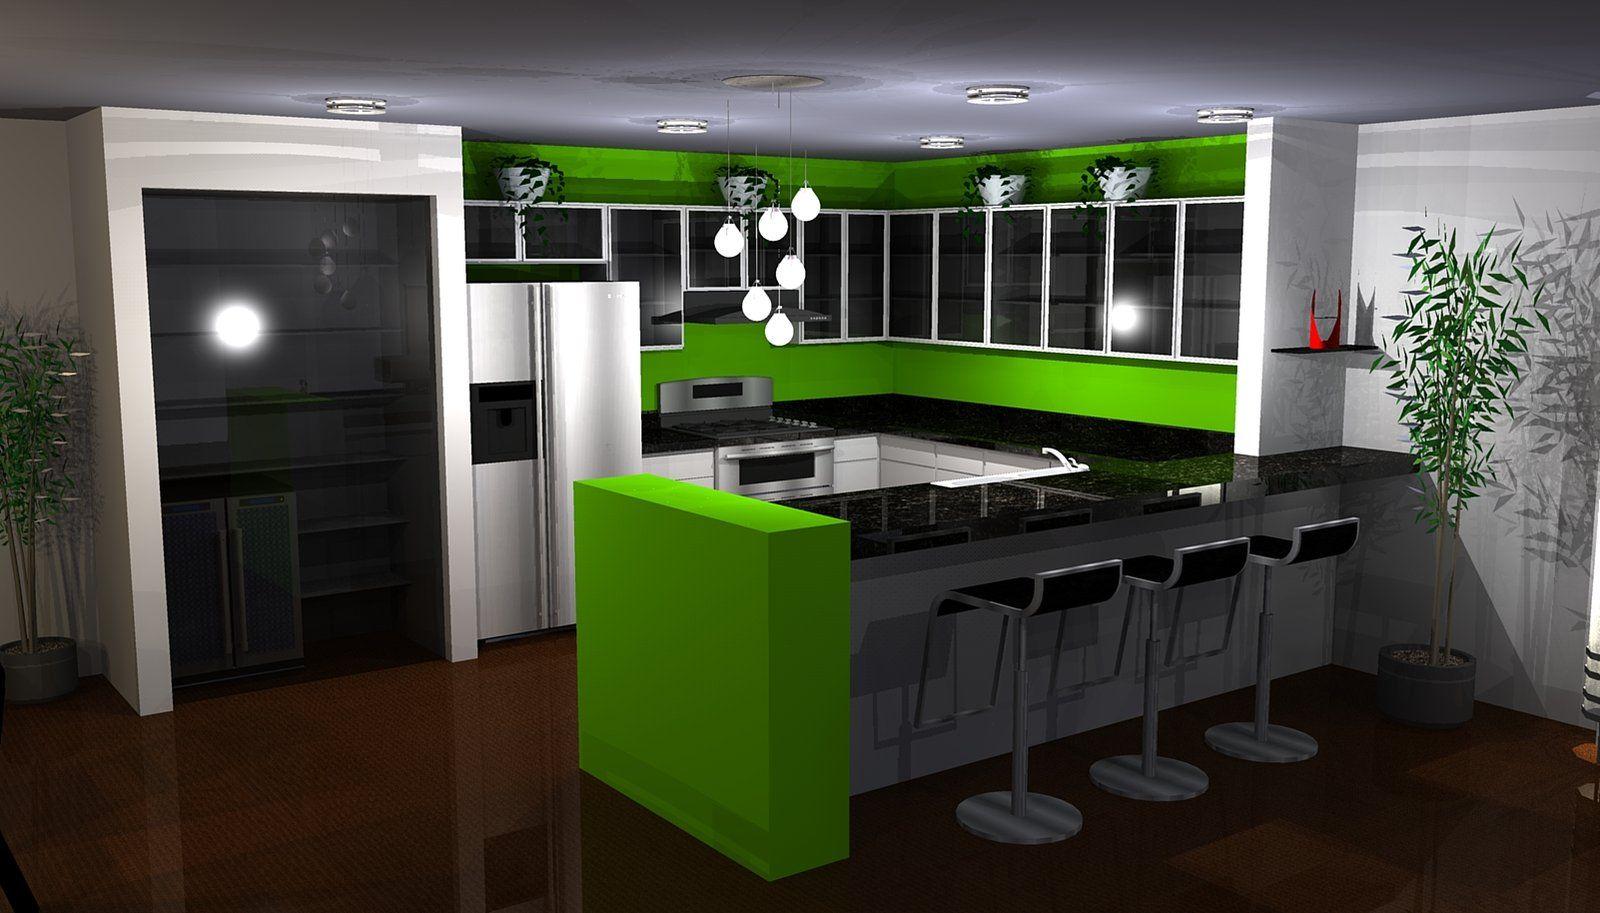 modest green kitchen interior design ideas - Green Kitchen Ideas